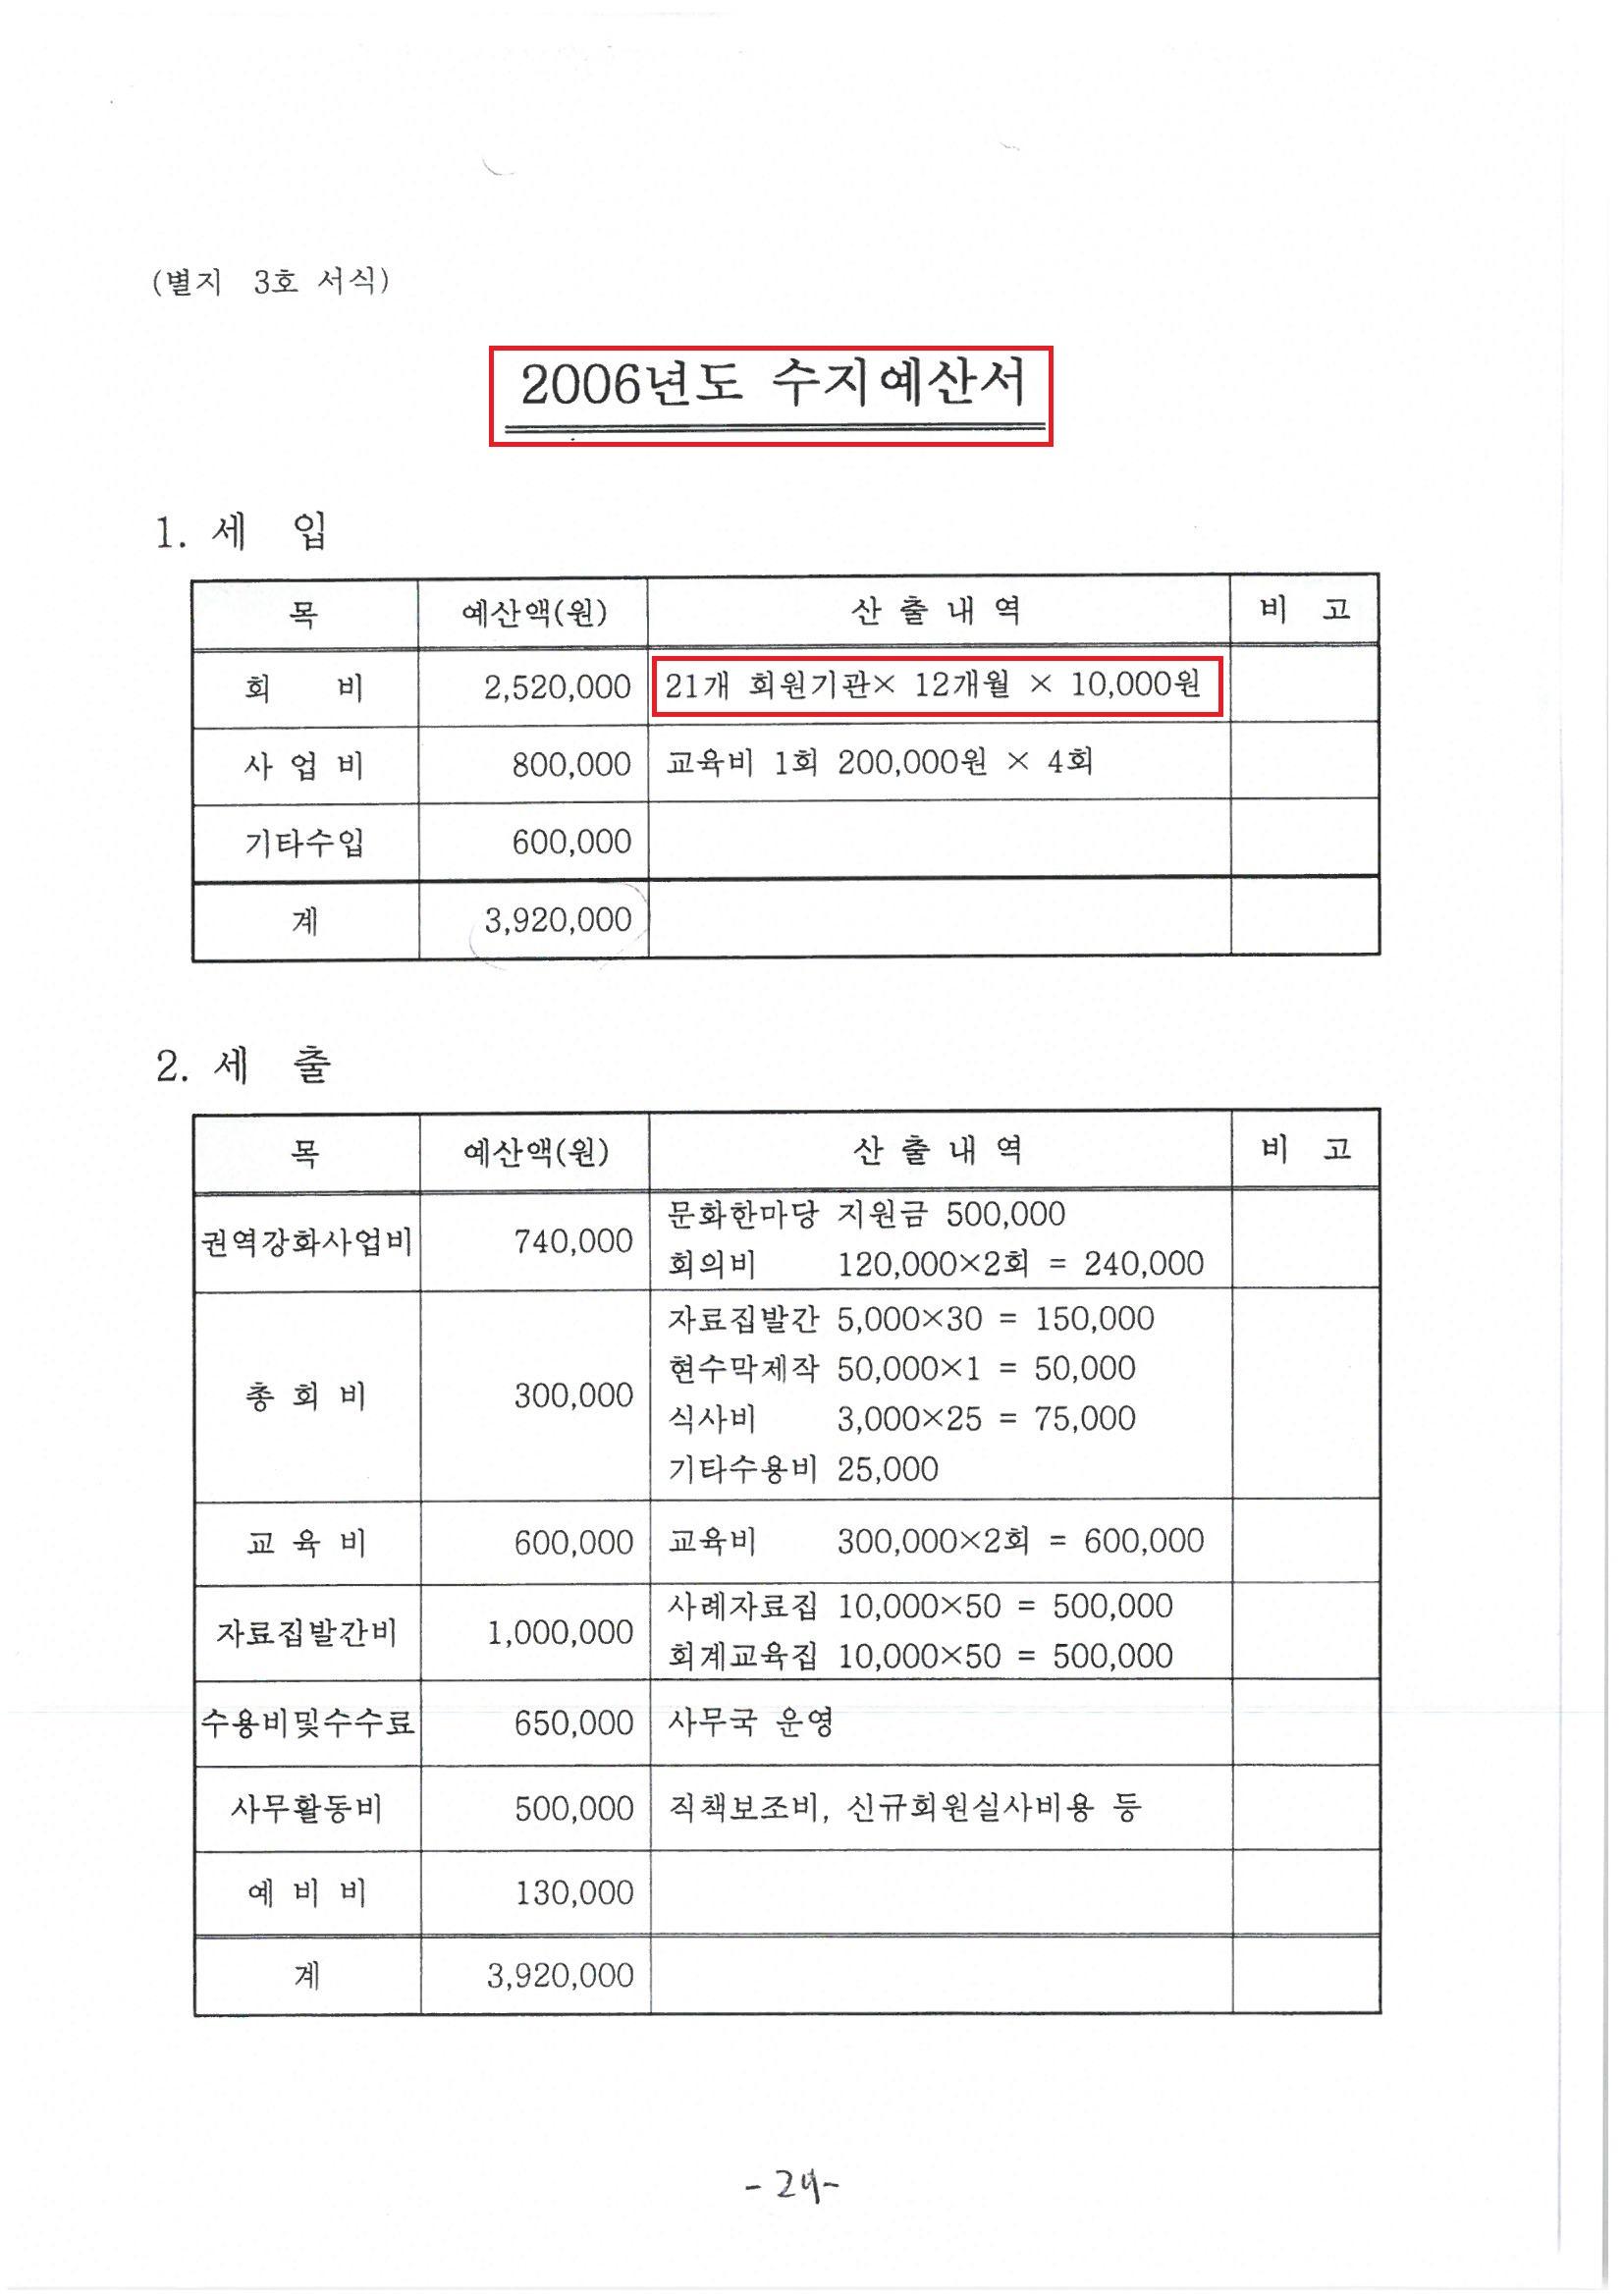 2007년 비영리민간단체등록 신청서_5(공개).jpg